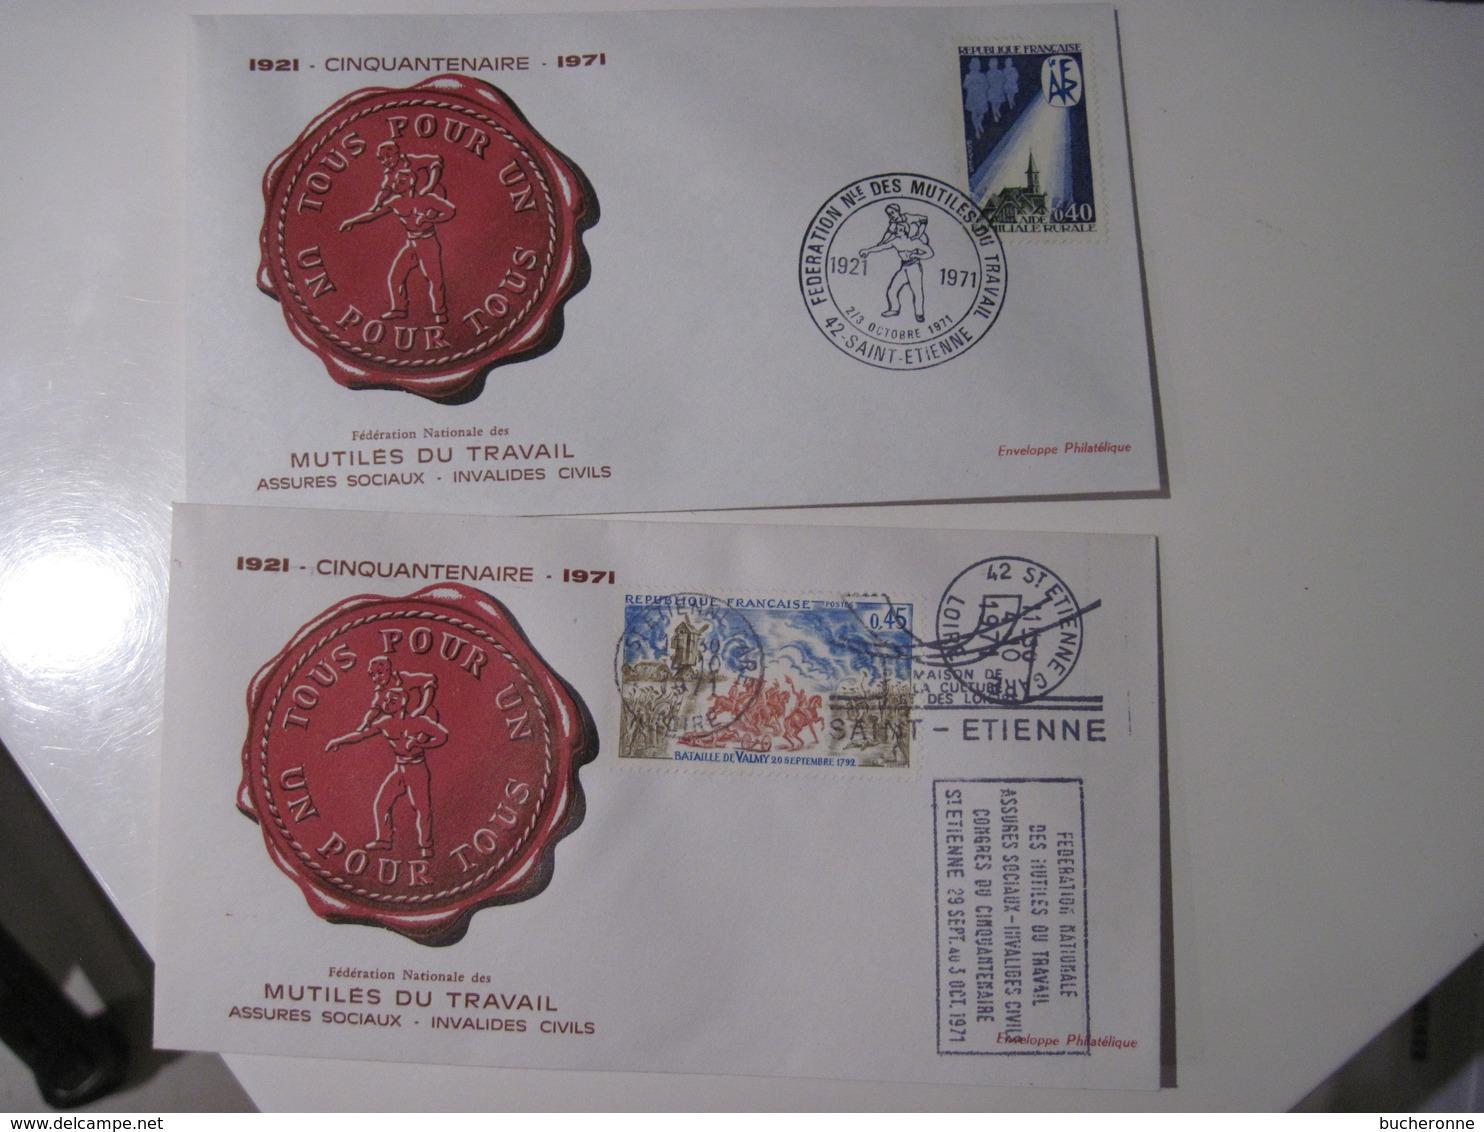 2 ENVELOPPES 1921 Cinquantenaire 1971  Fédération Nationale Des Mutilés  -un Pour Tous Tous Pour Un  1971 TBE - Marcophilie (Lettres)